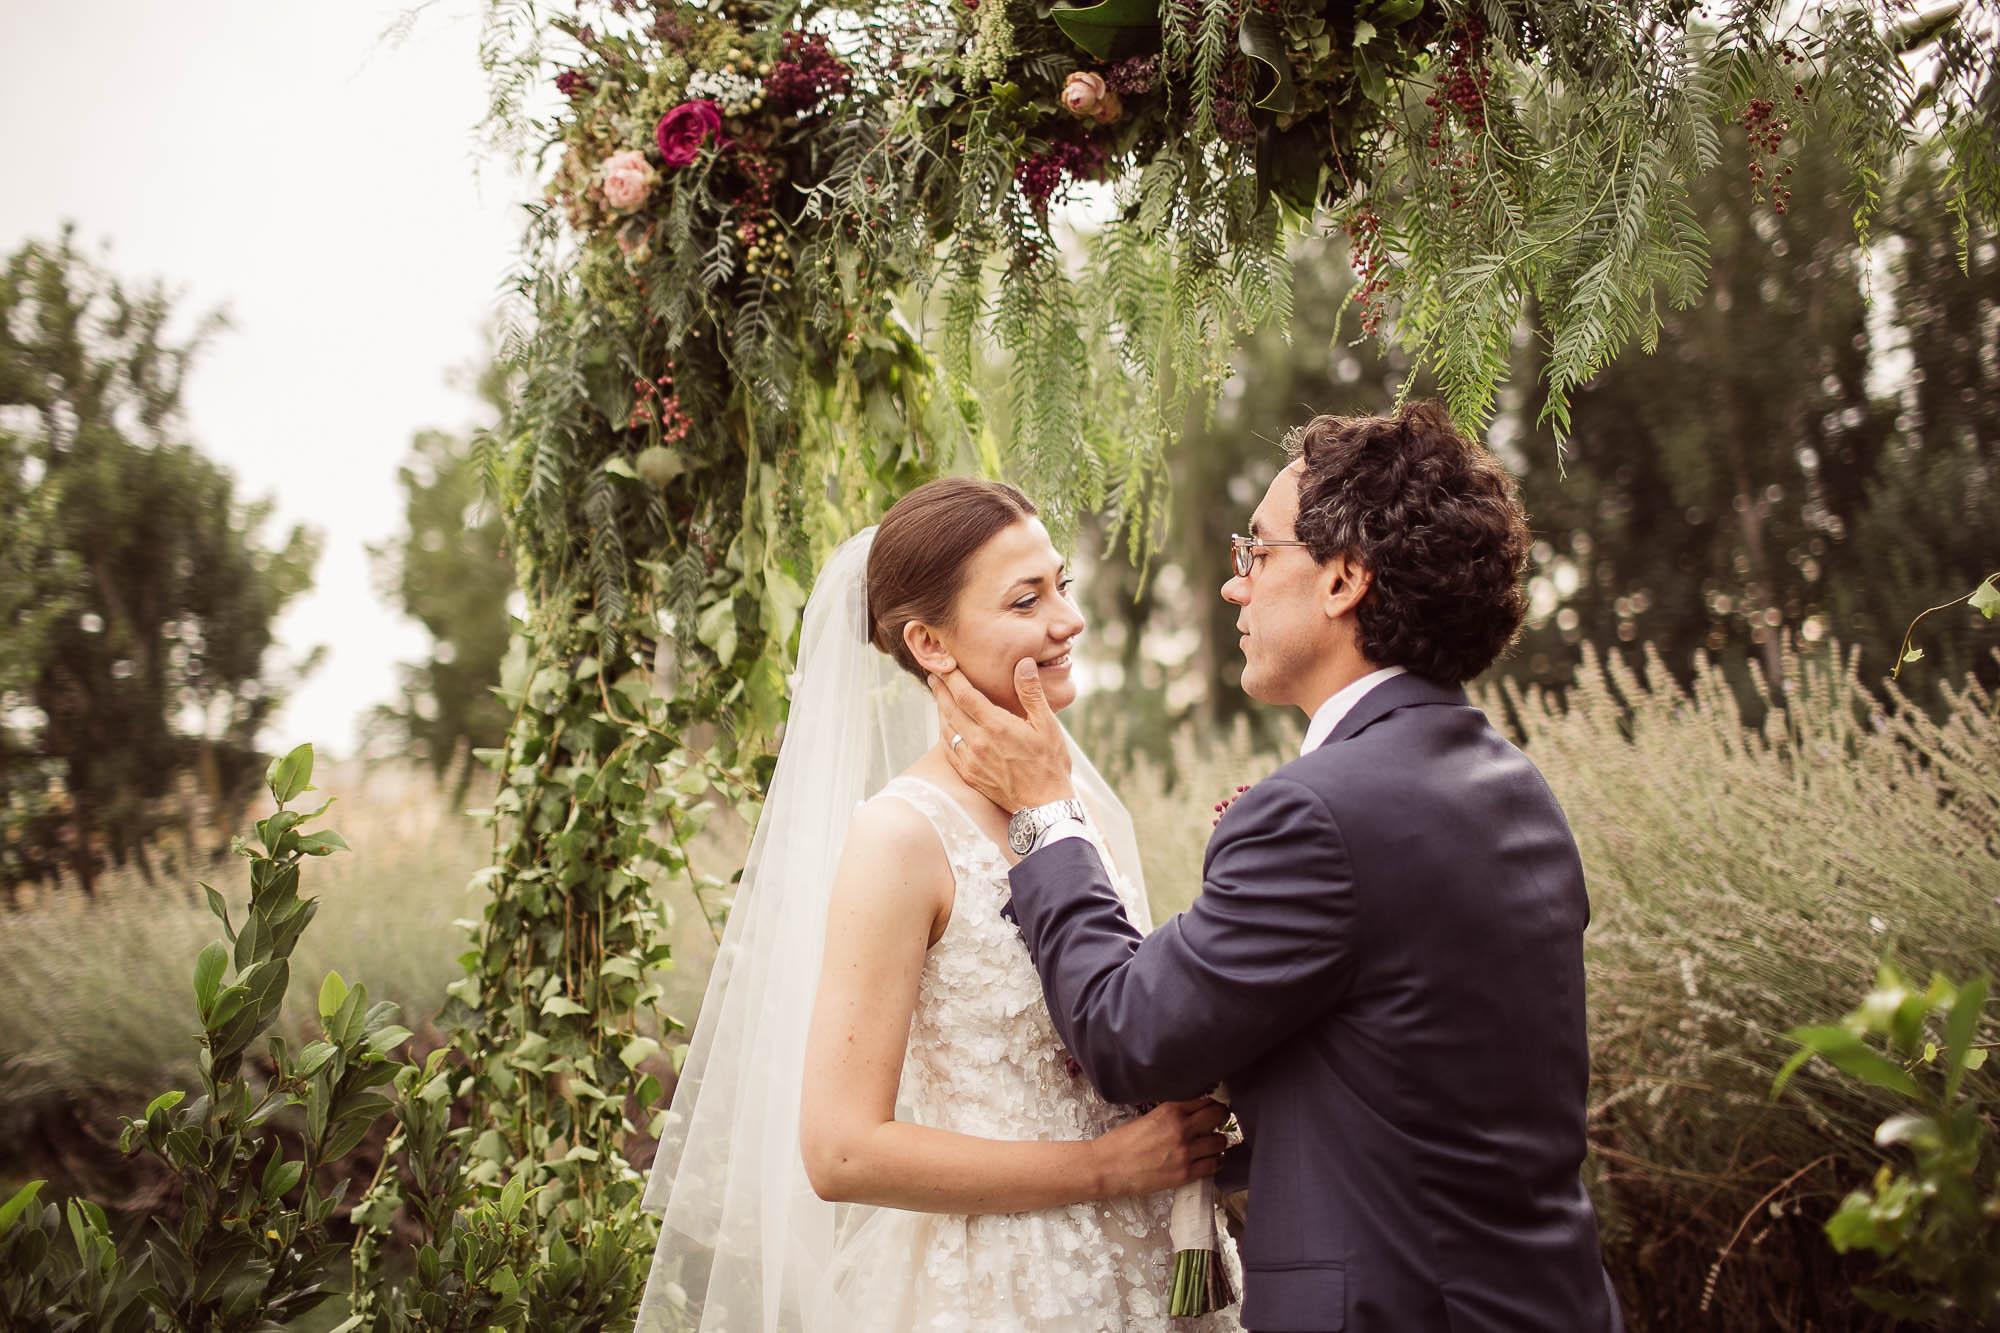 El novio acaricia a la novia en el altar